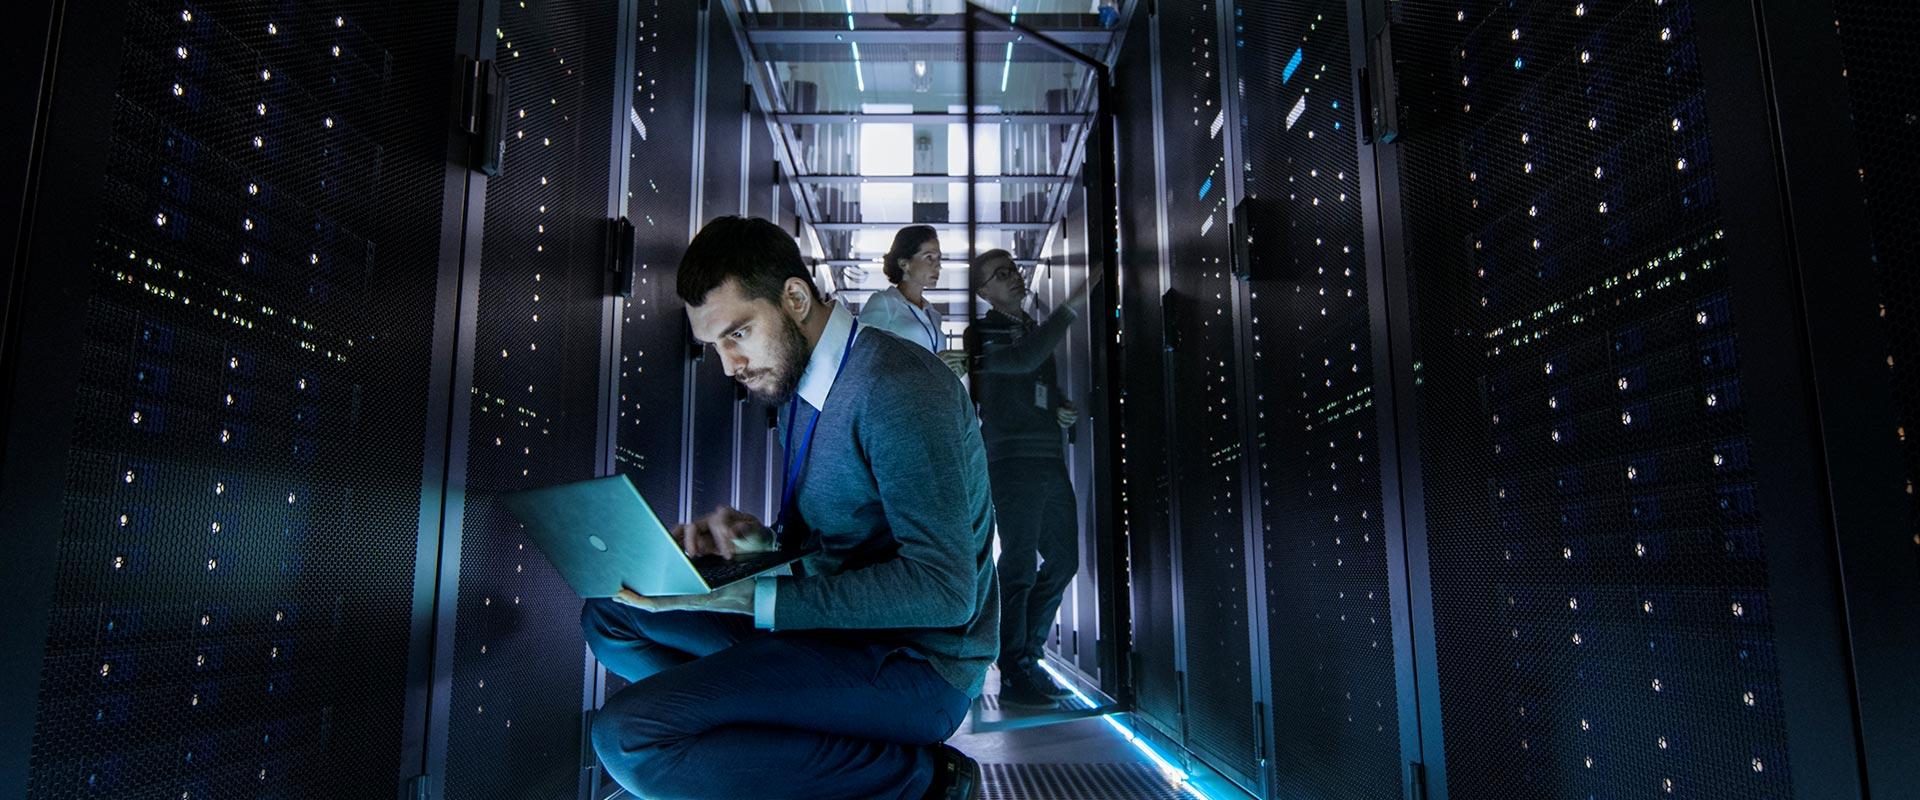 tecnico in sala server